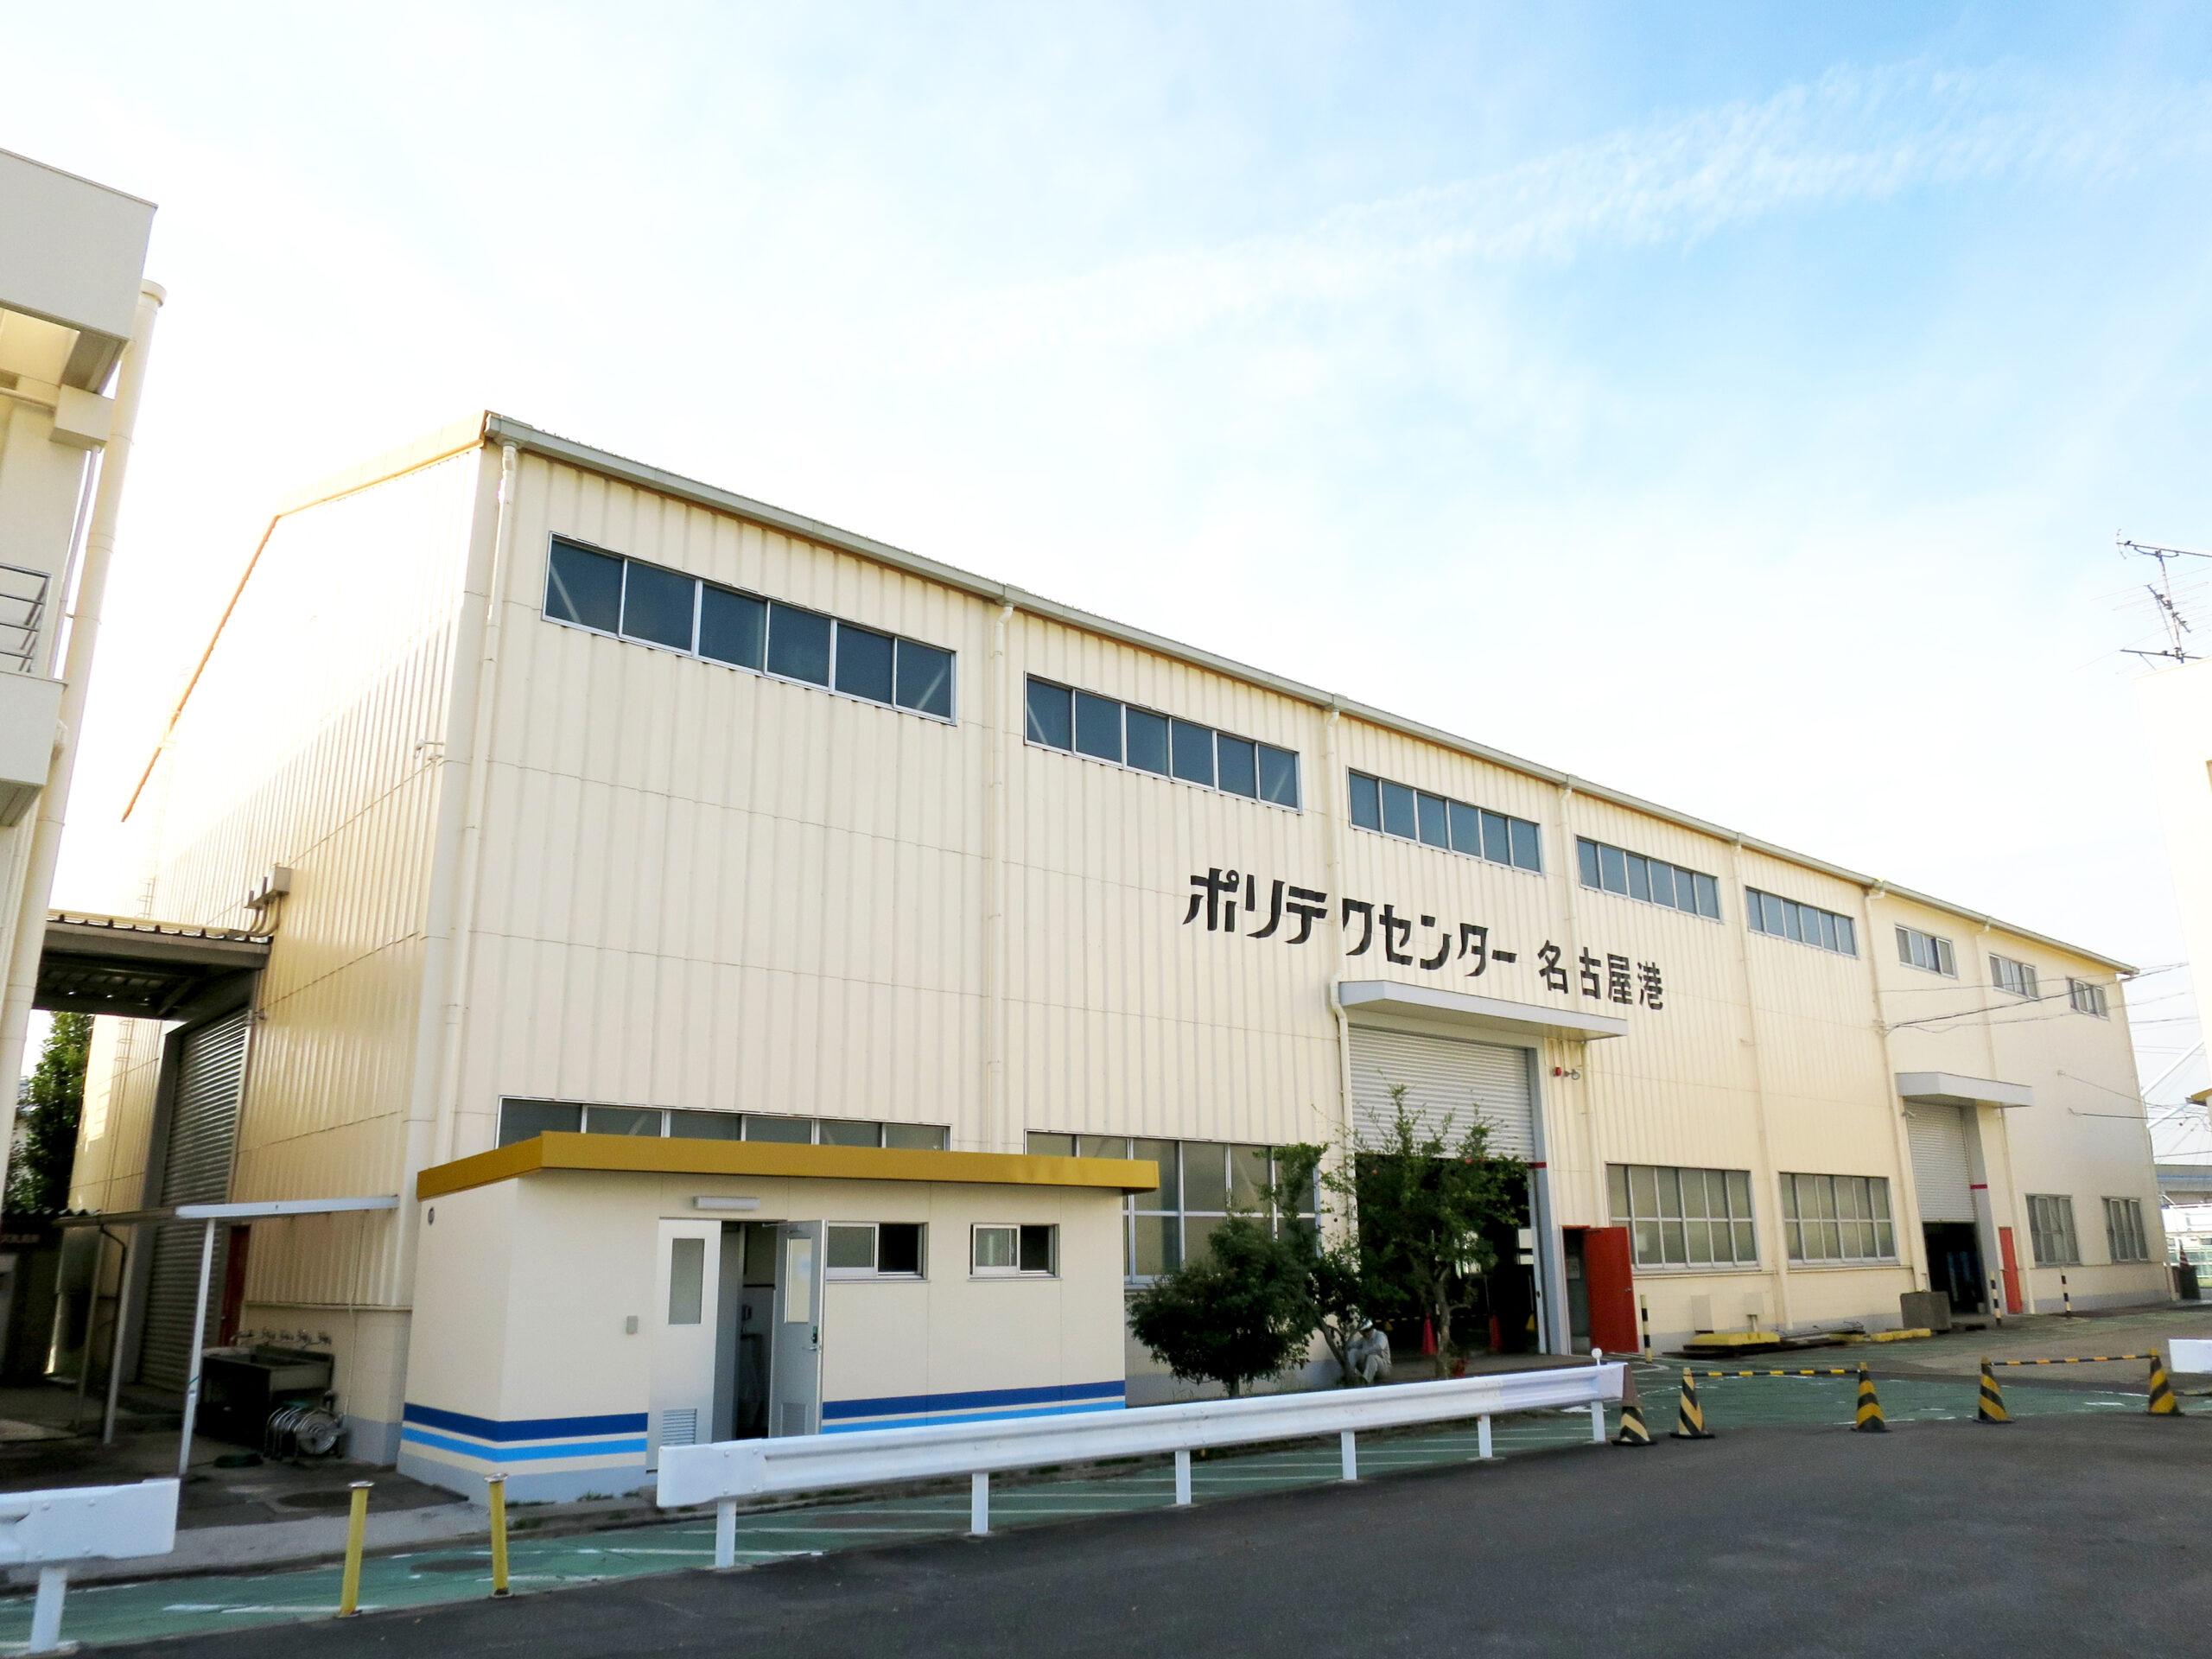 ポリテクセンター名古屋港